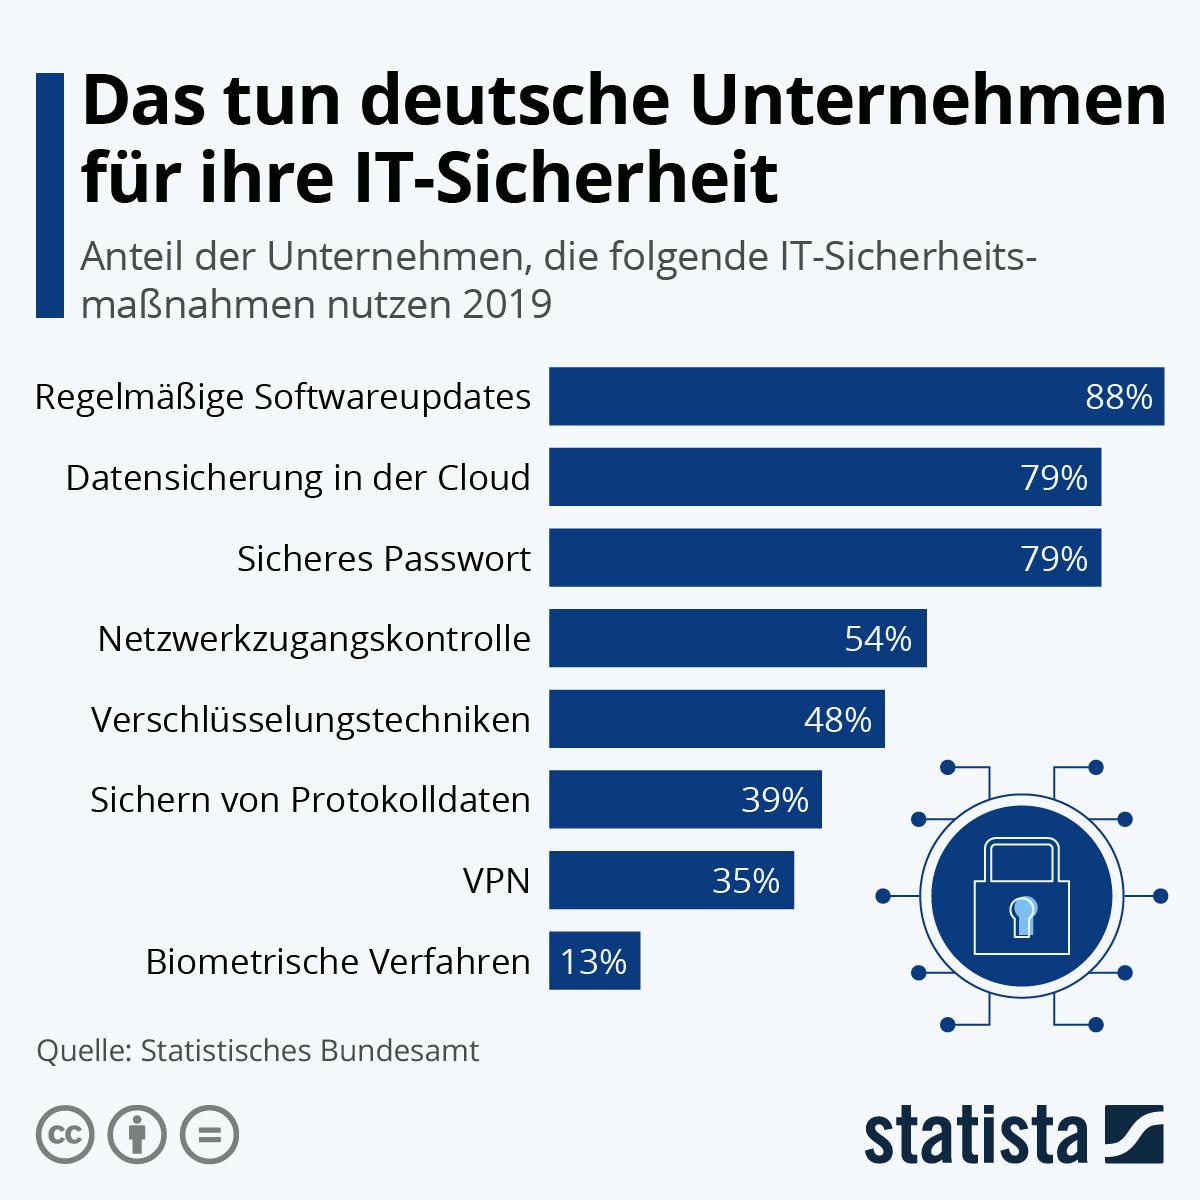 Infografik: Das tun deutsche Unternehmen für ihre IT-Sicherheit | Statista